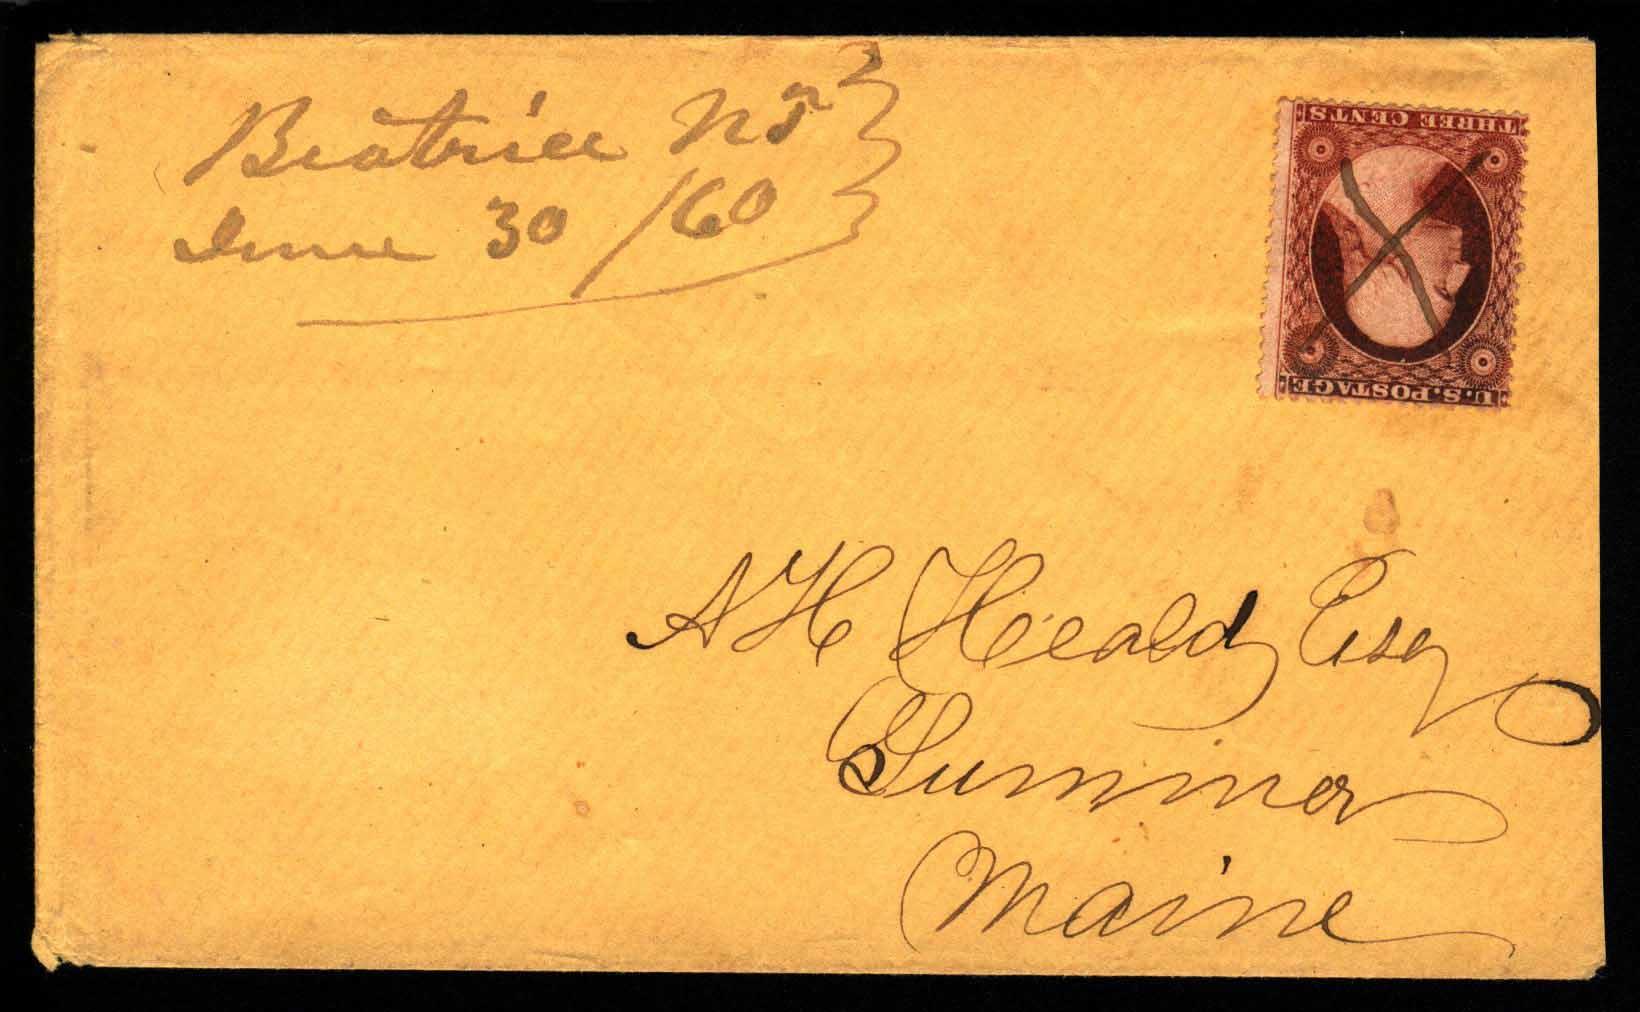 Beatrice 1860 06 30